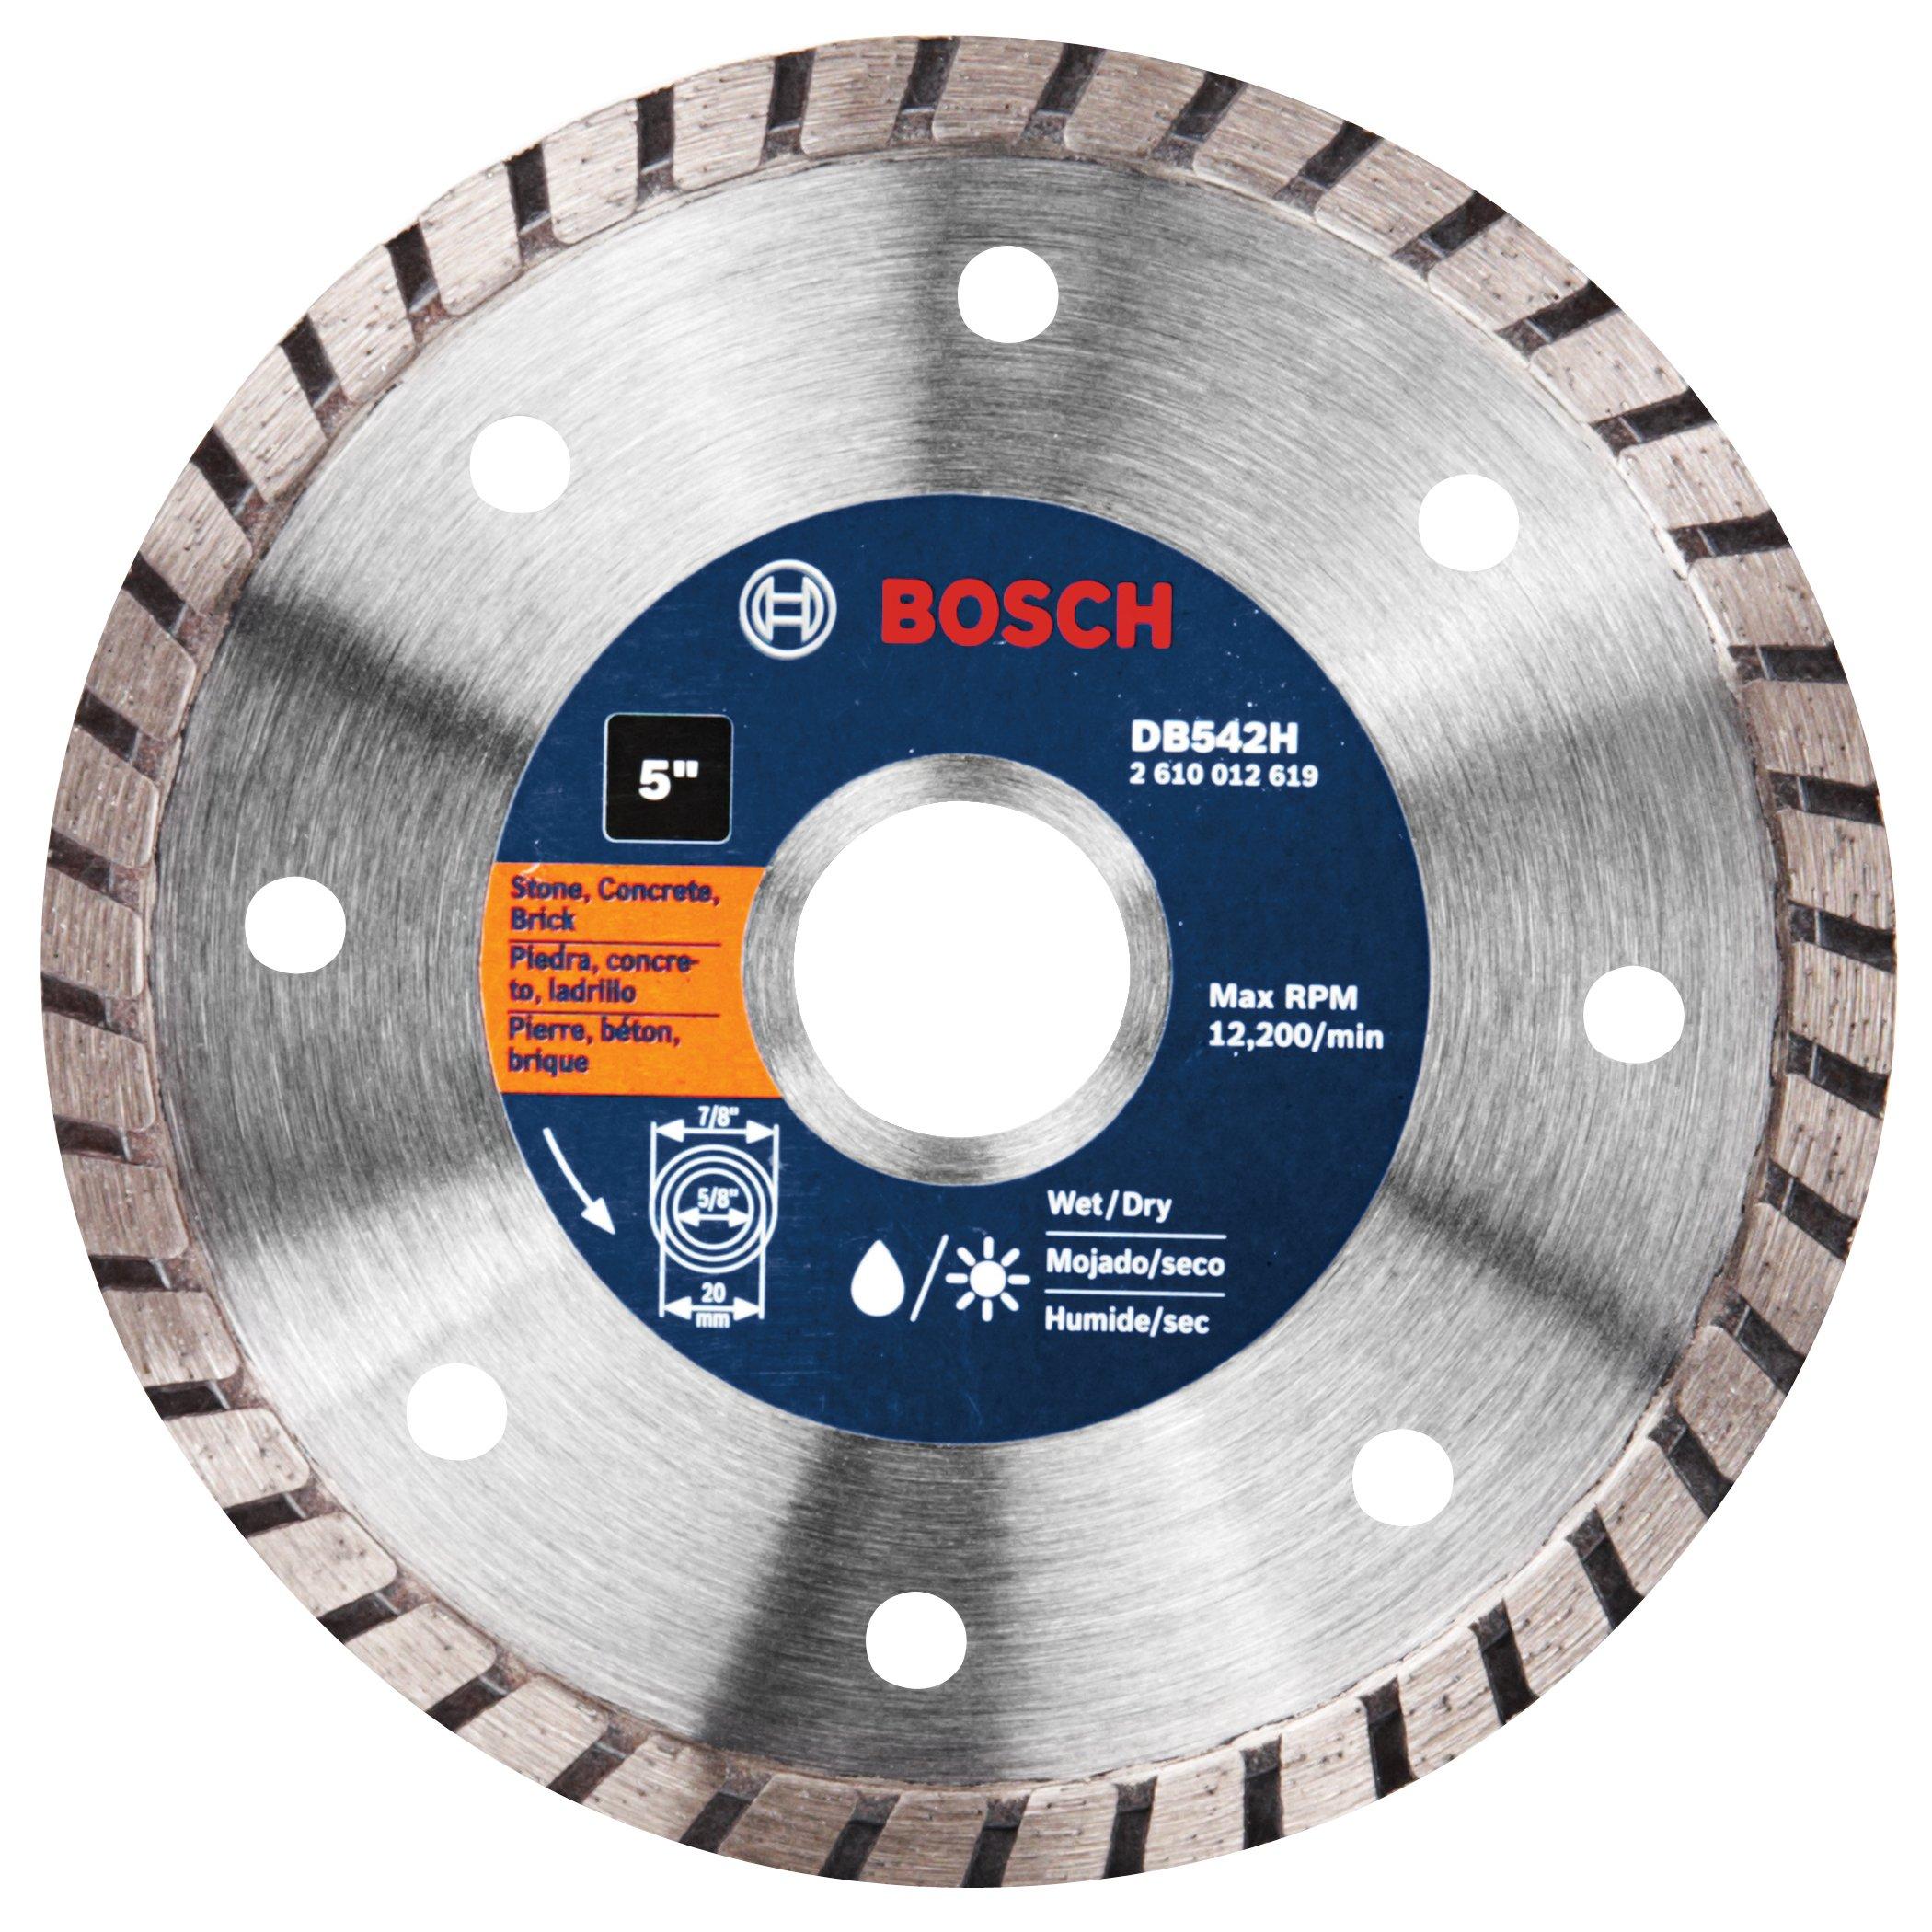 Disco de Diamante BOSCH de borde continuo de corte en seco DB542 Premium Plus de 5 pulg. con eje de 7/8 pulg. para mampo